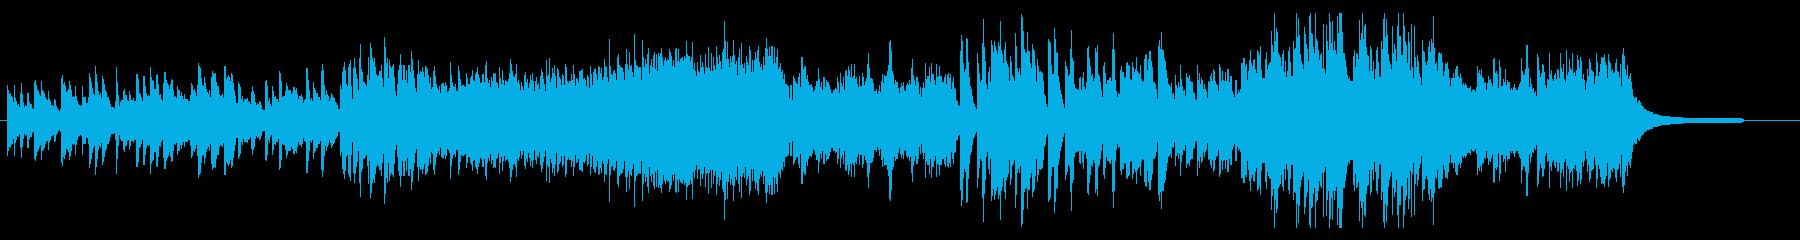 クラシカルで怪しい雰囲気のピアノ独奏曲の再生済みの波形